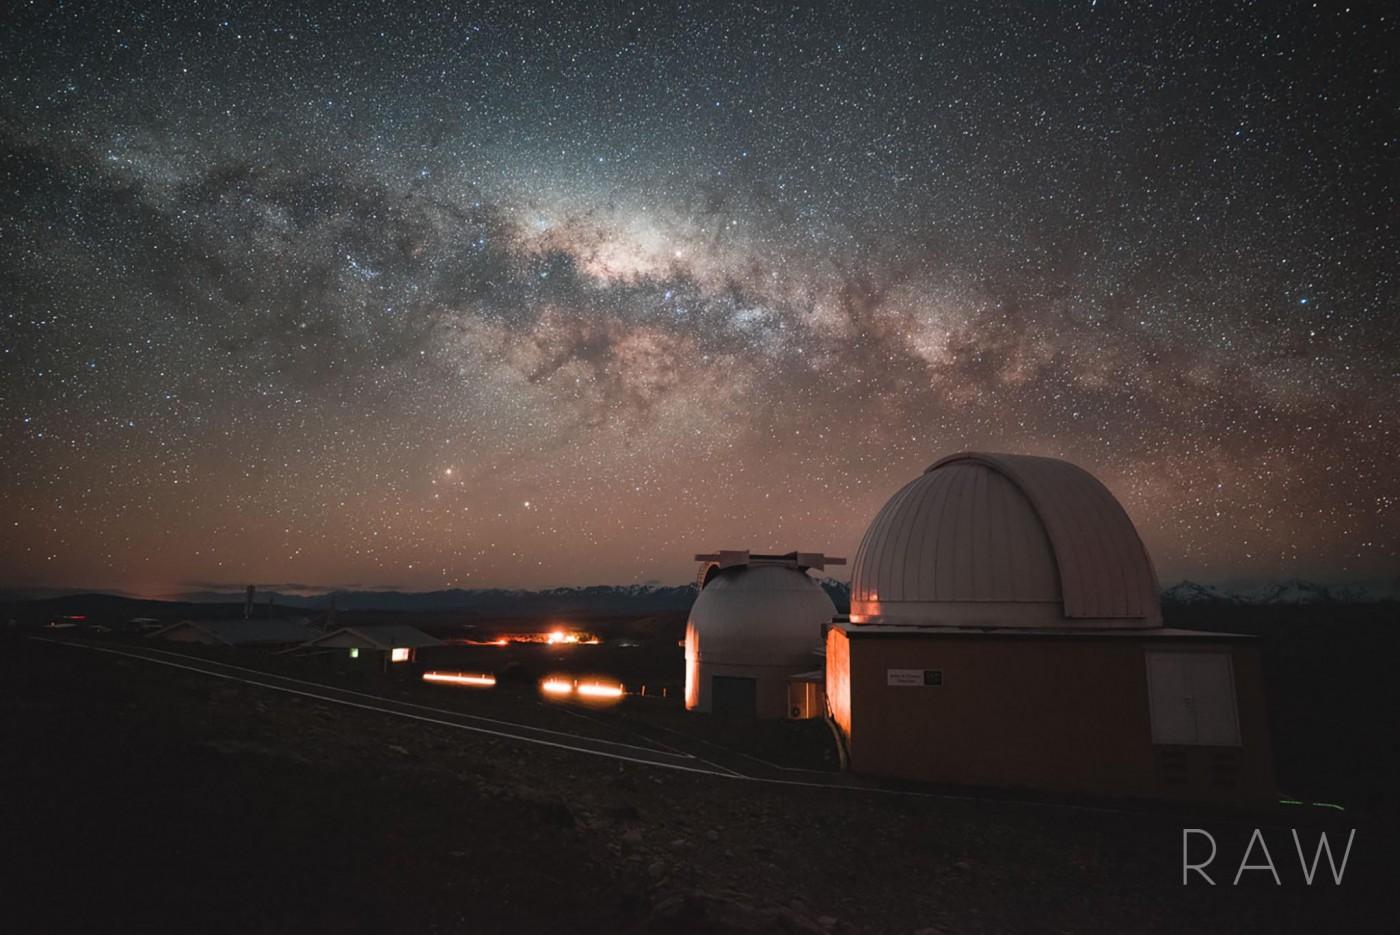 escalante3-milky-way-astrophotography-lonely-speck-lightroom-preset-2